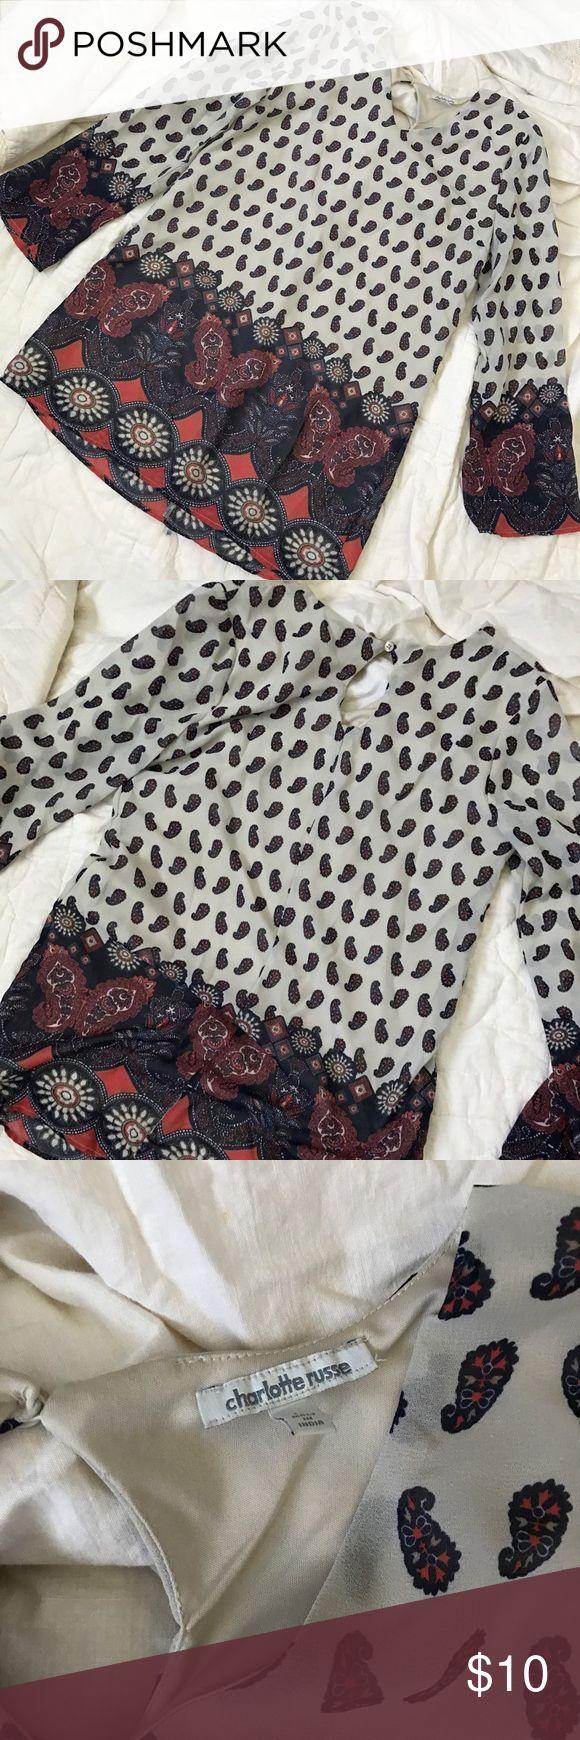 Charlotte Rouse shift dress Beautiful pattern shift dress! Charlotte Russe Dresses Long Sleeve